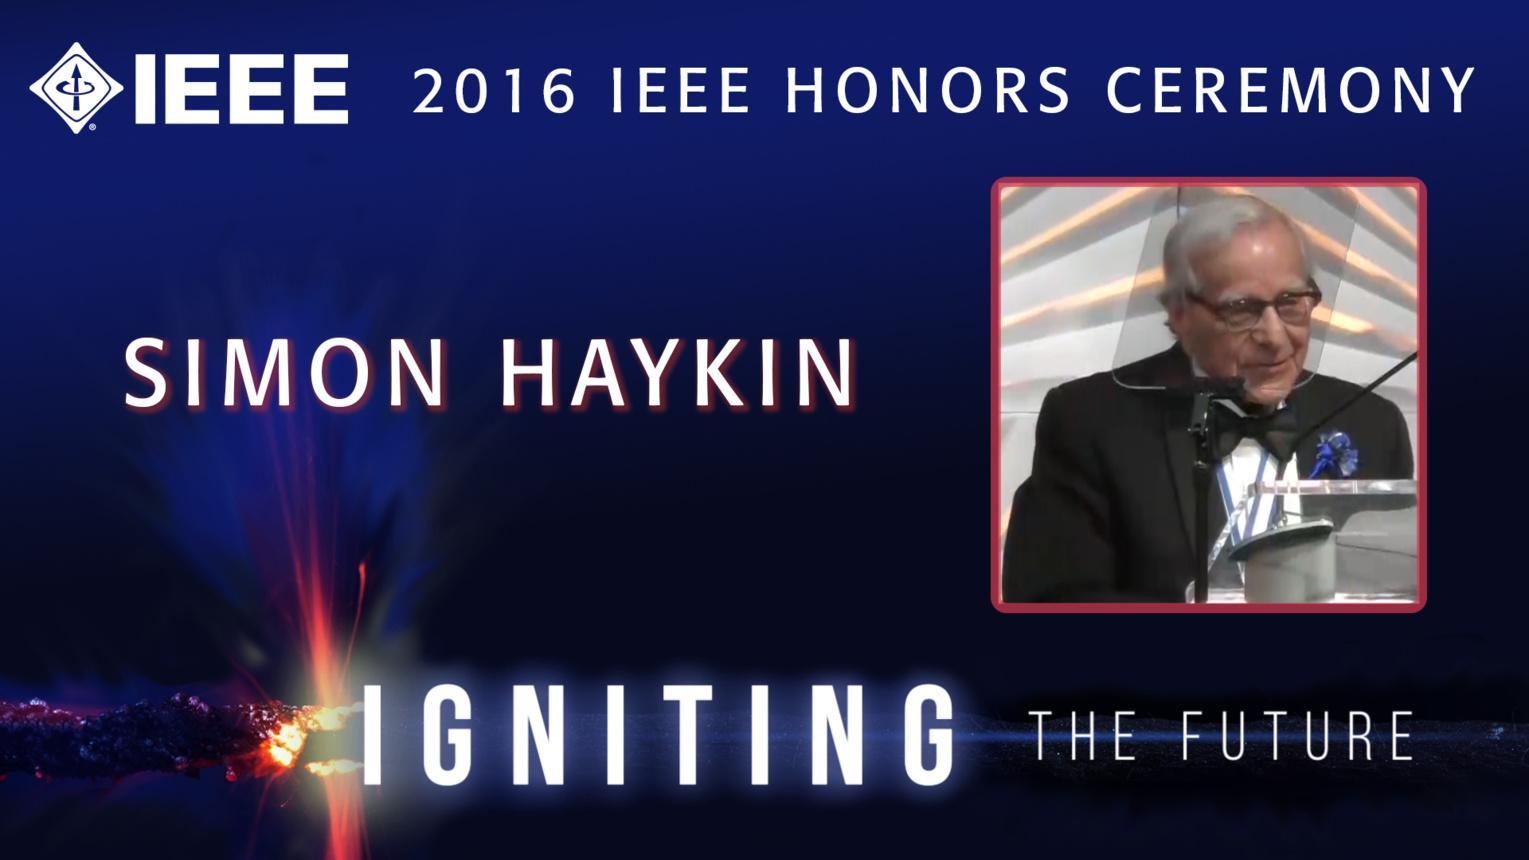 IEEEtv | IEEE tv Specials | Simon Haykin receives the IEEE